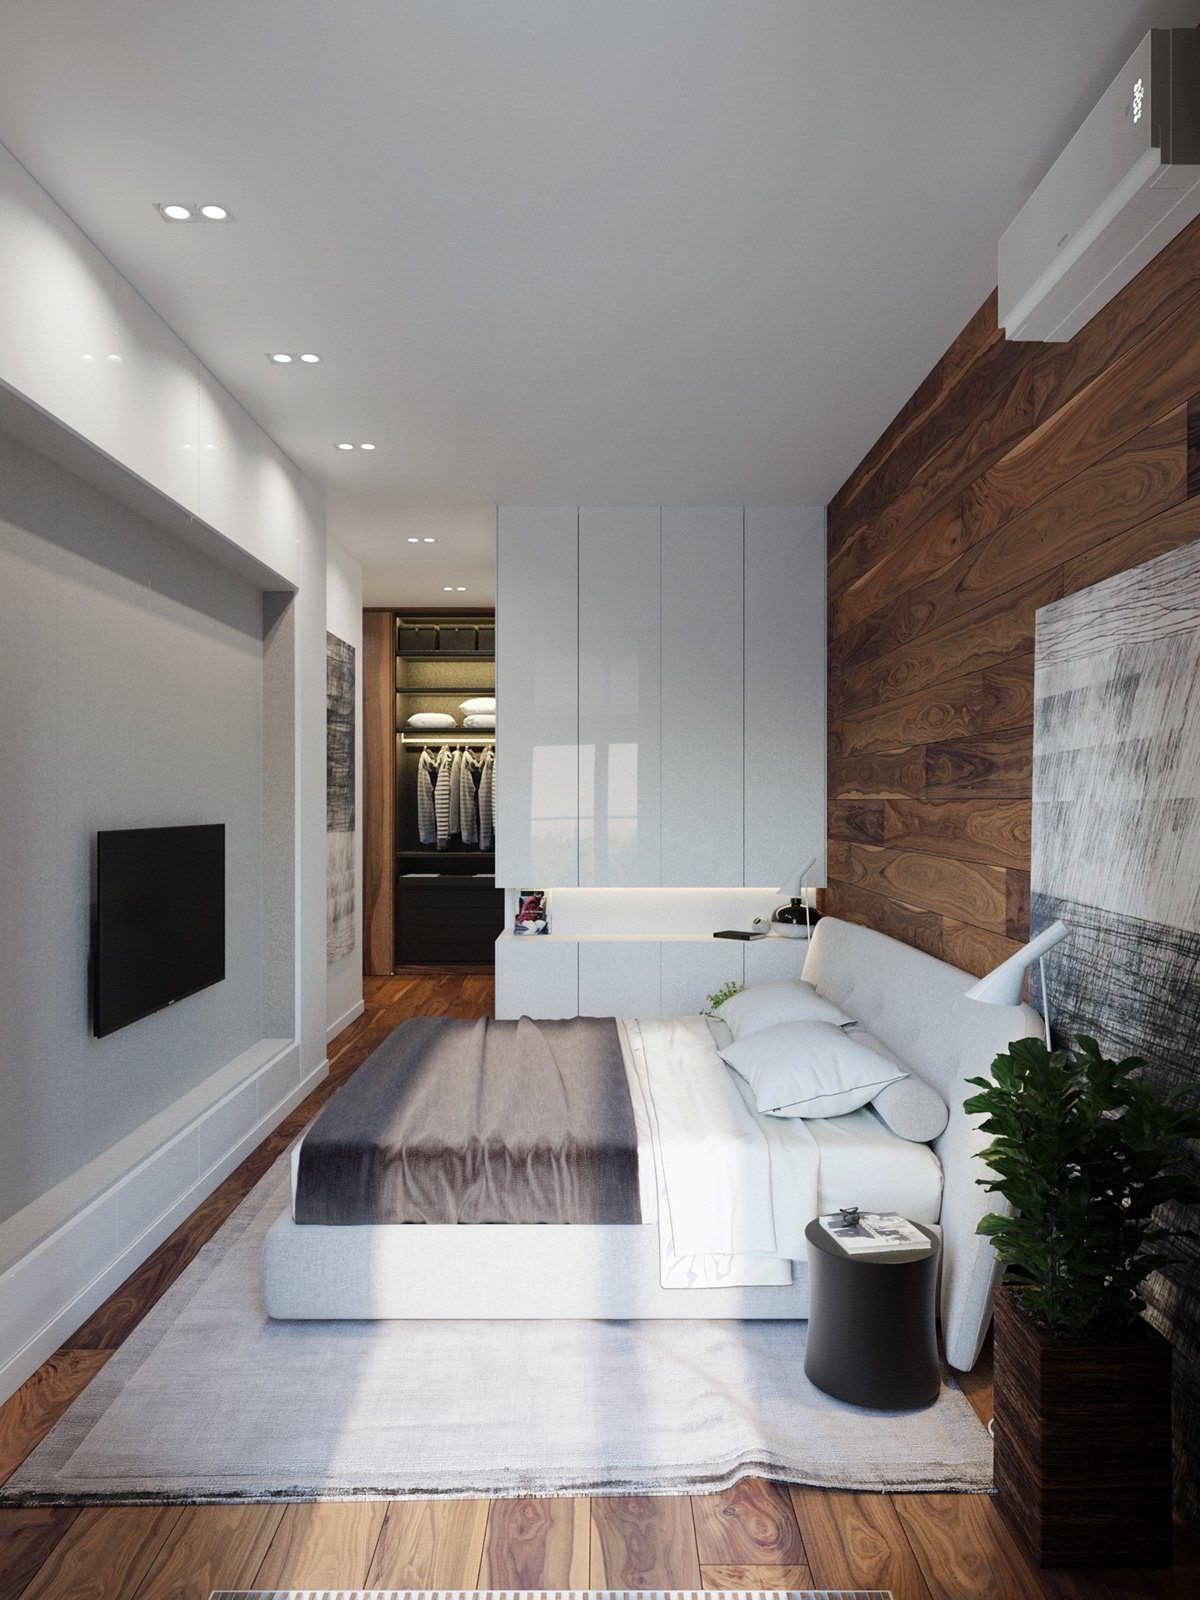 Camere Da Letto Moderne Rovere Sbiancato.100 Idee Camere Da Letto Moderne Colori Illuminazione Arredo